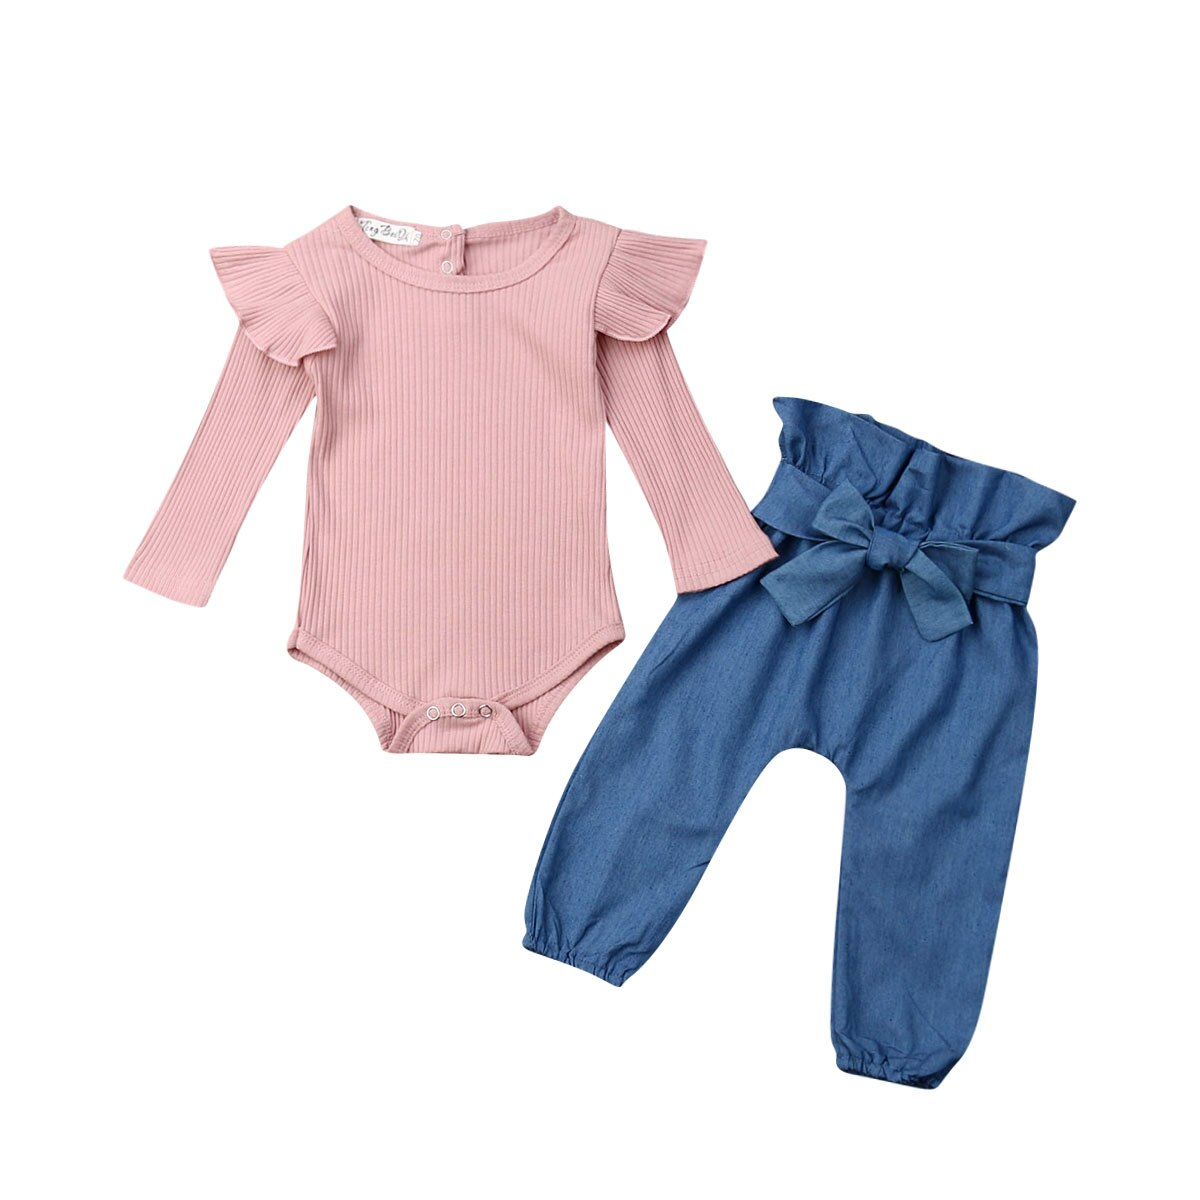 0-24M Newborn Baby Girl Long Sleeve Solid Color Cotton Bodysuit Tops Denim Long Pant Jeans 2PCS Autumn Clothes Set